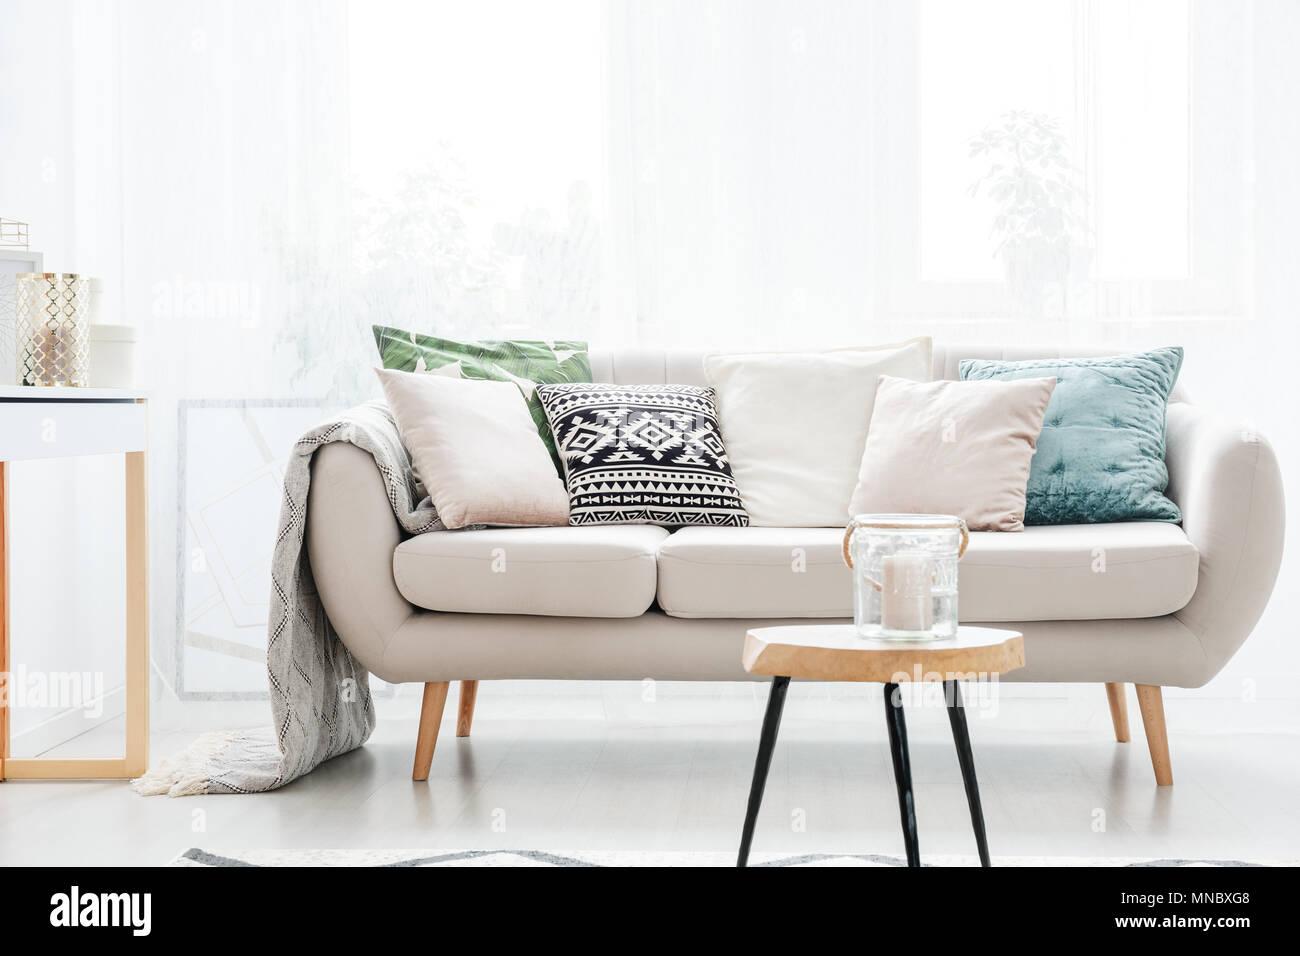 Pleasant Kerze Im Glas Auf Dem Tisch Vor Beige Sofa Mit Kissen Im Bralicious Painted Fabric Chair Ideas Braliciousco